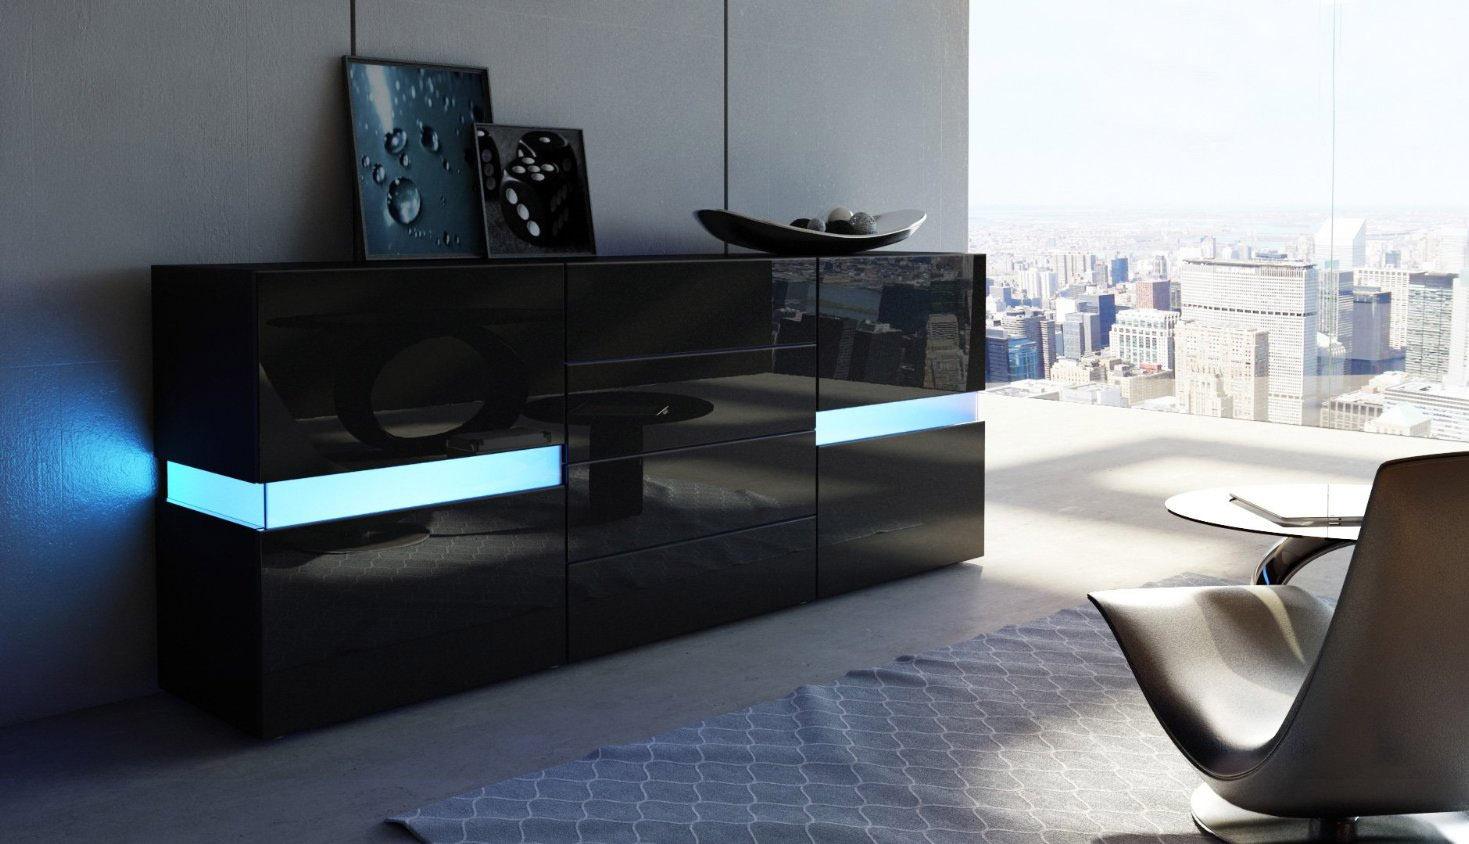 Credenza Moderna Lunga : Credenza moderna faro bianca o nera mobile soggiorno con led